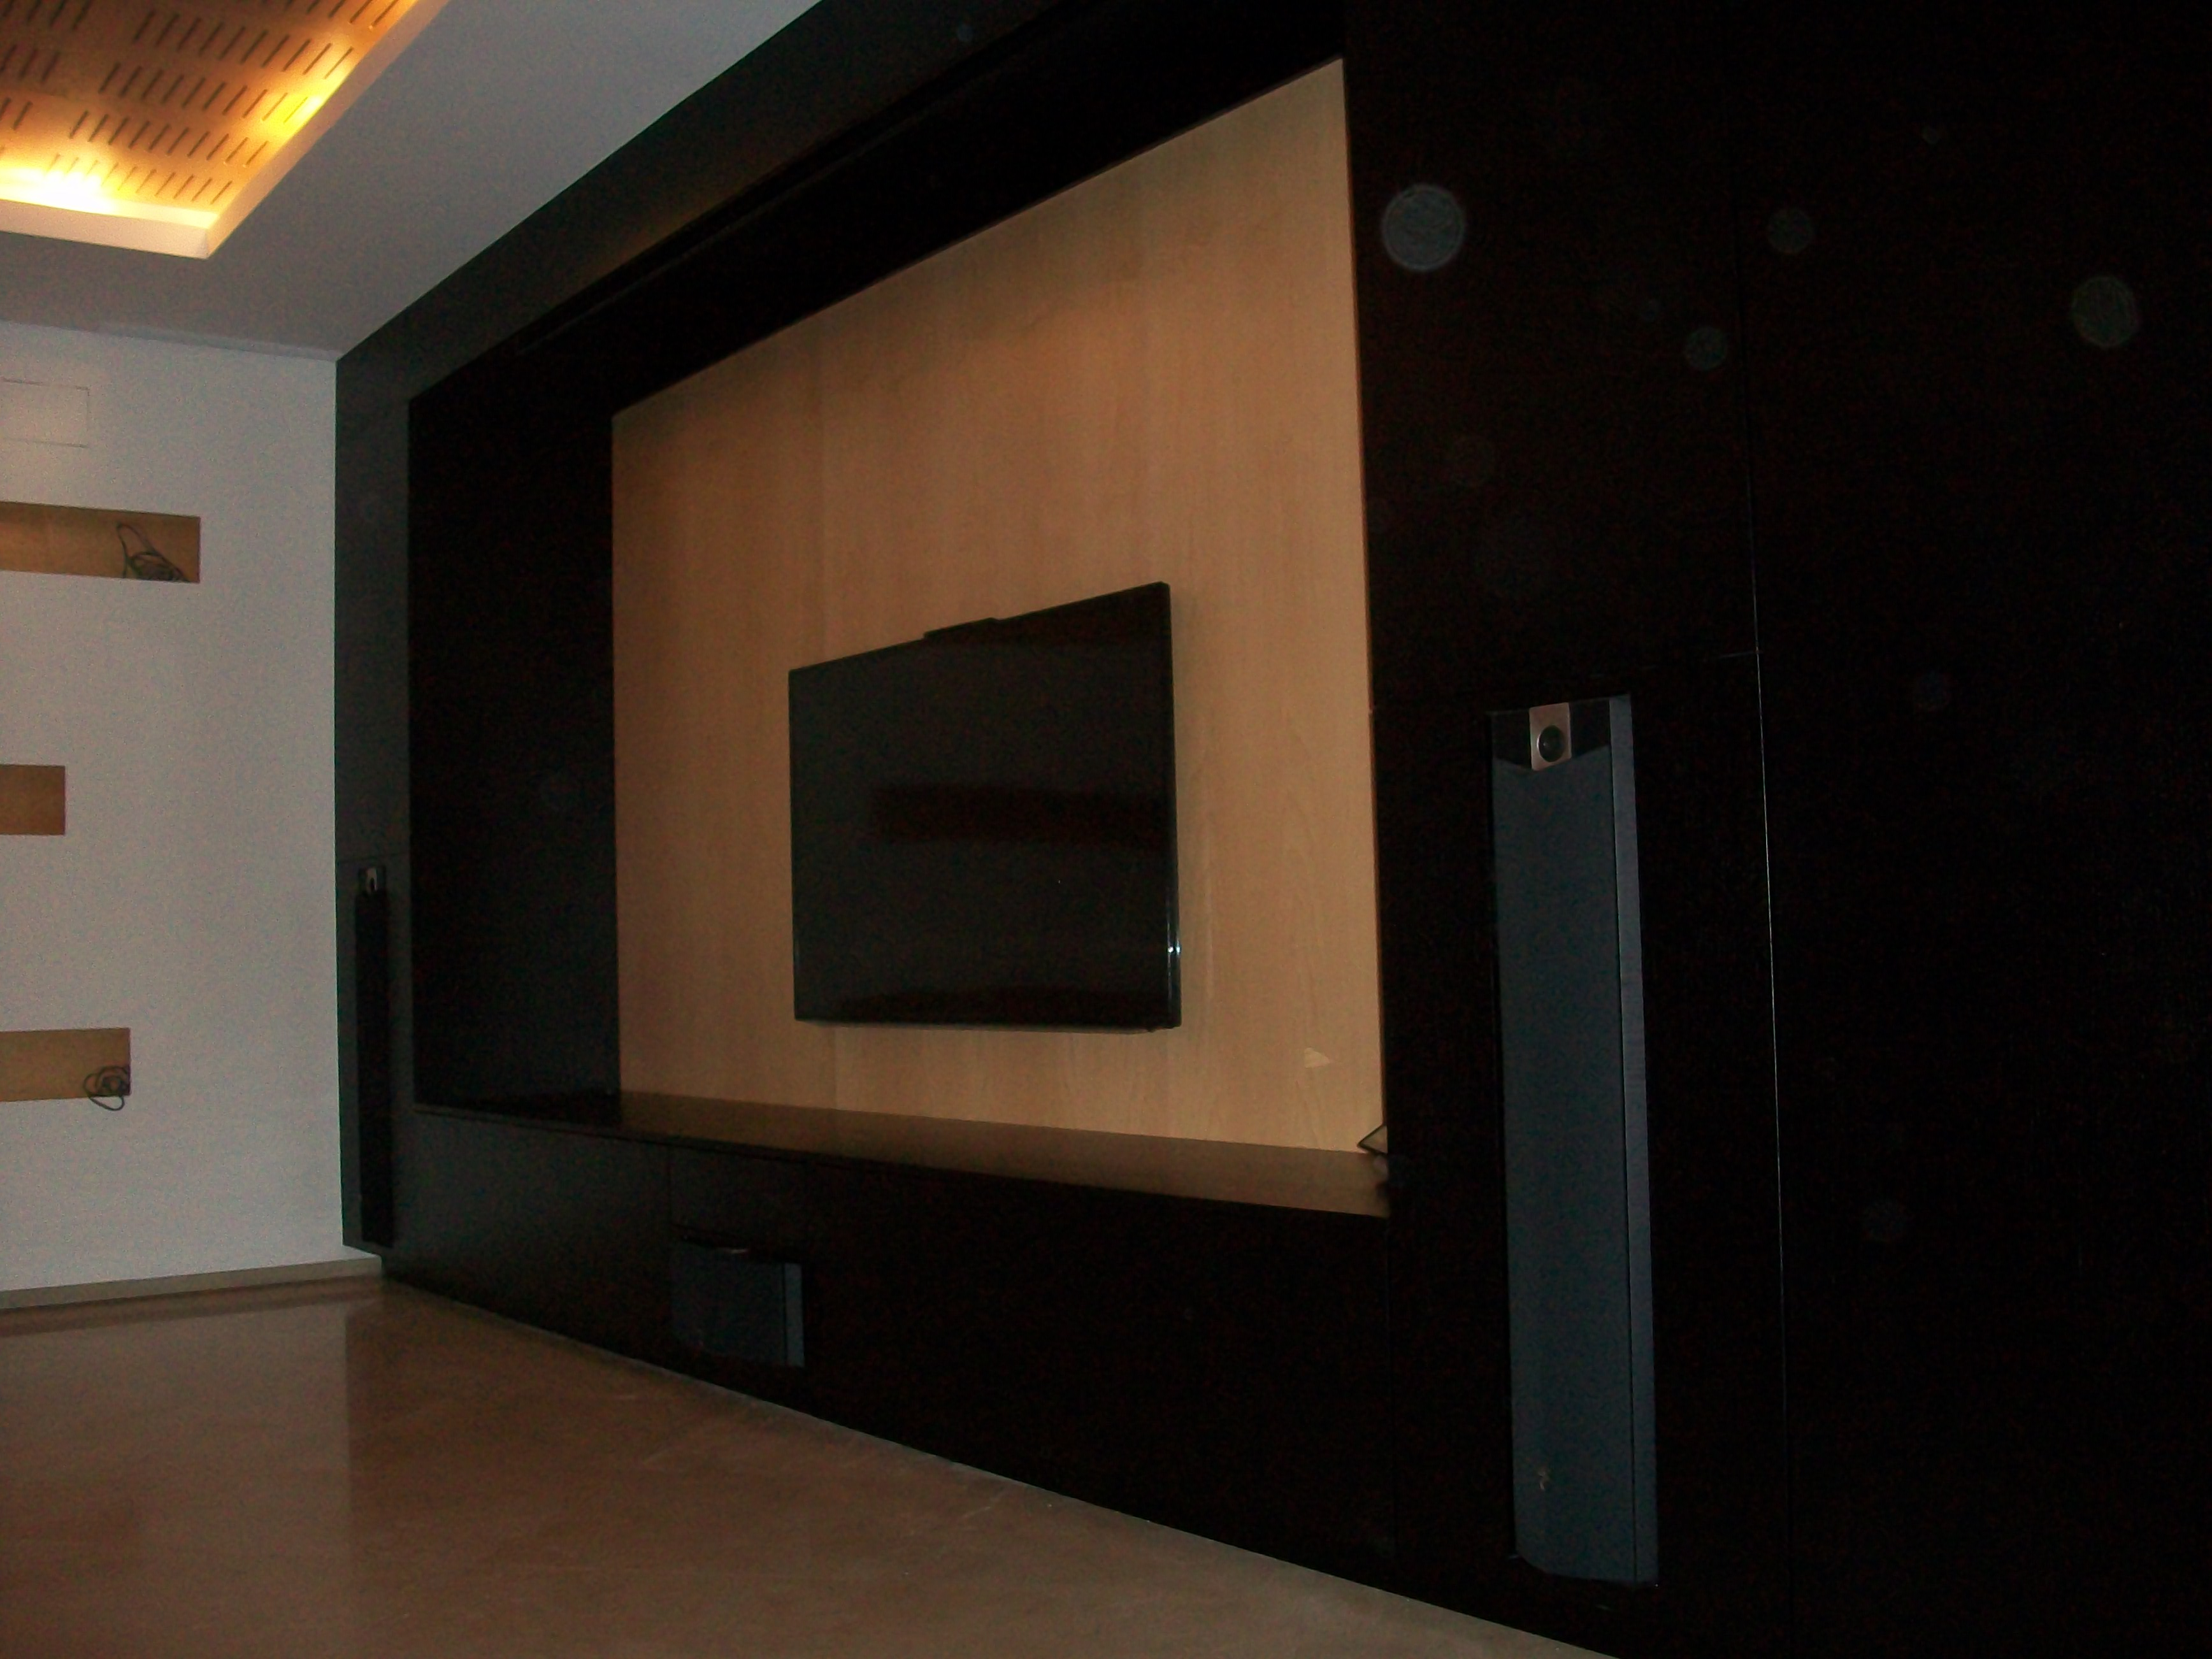 fabrica-empresas-fabricacion-muebles-salones-comedor-a-medida-en-alicante-5